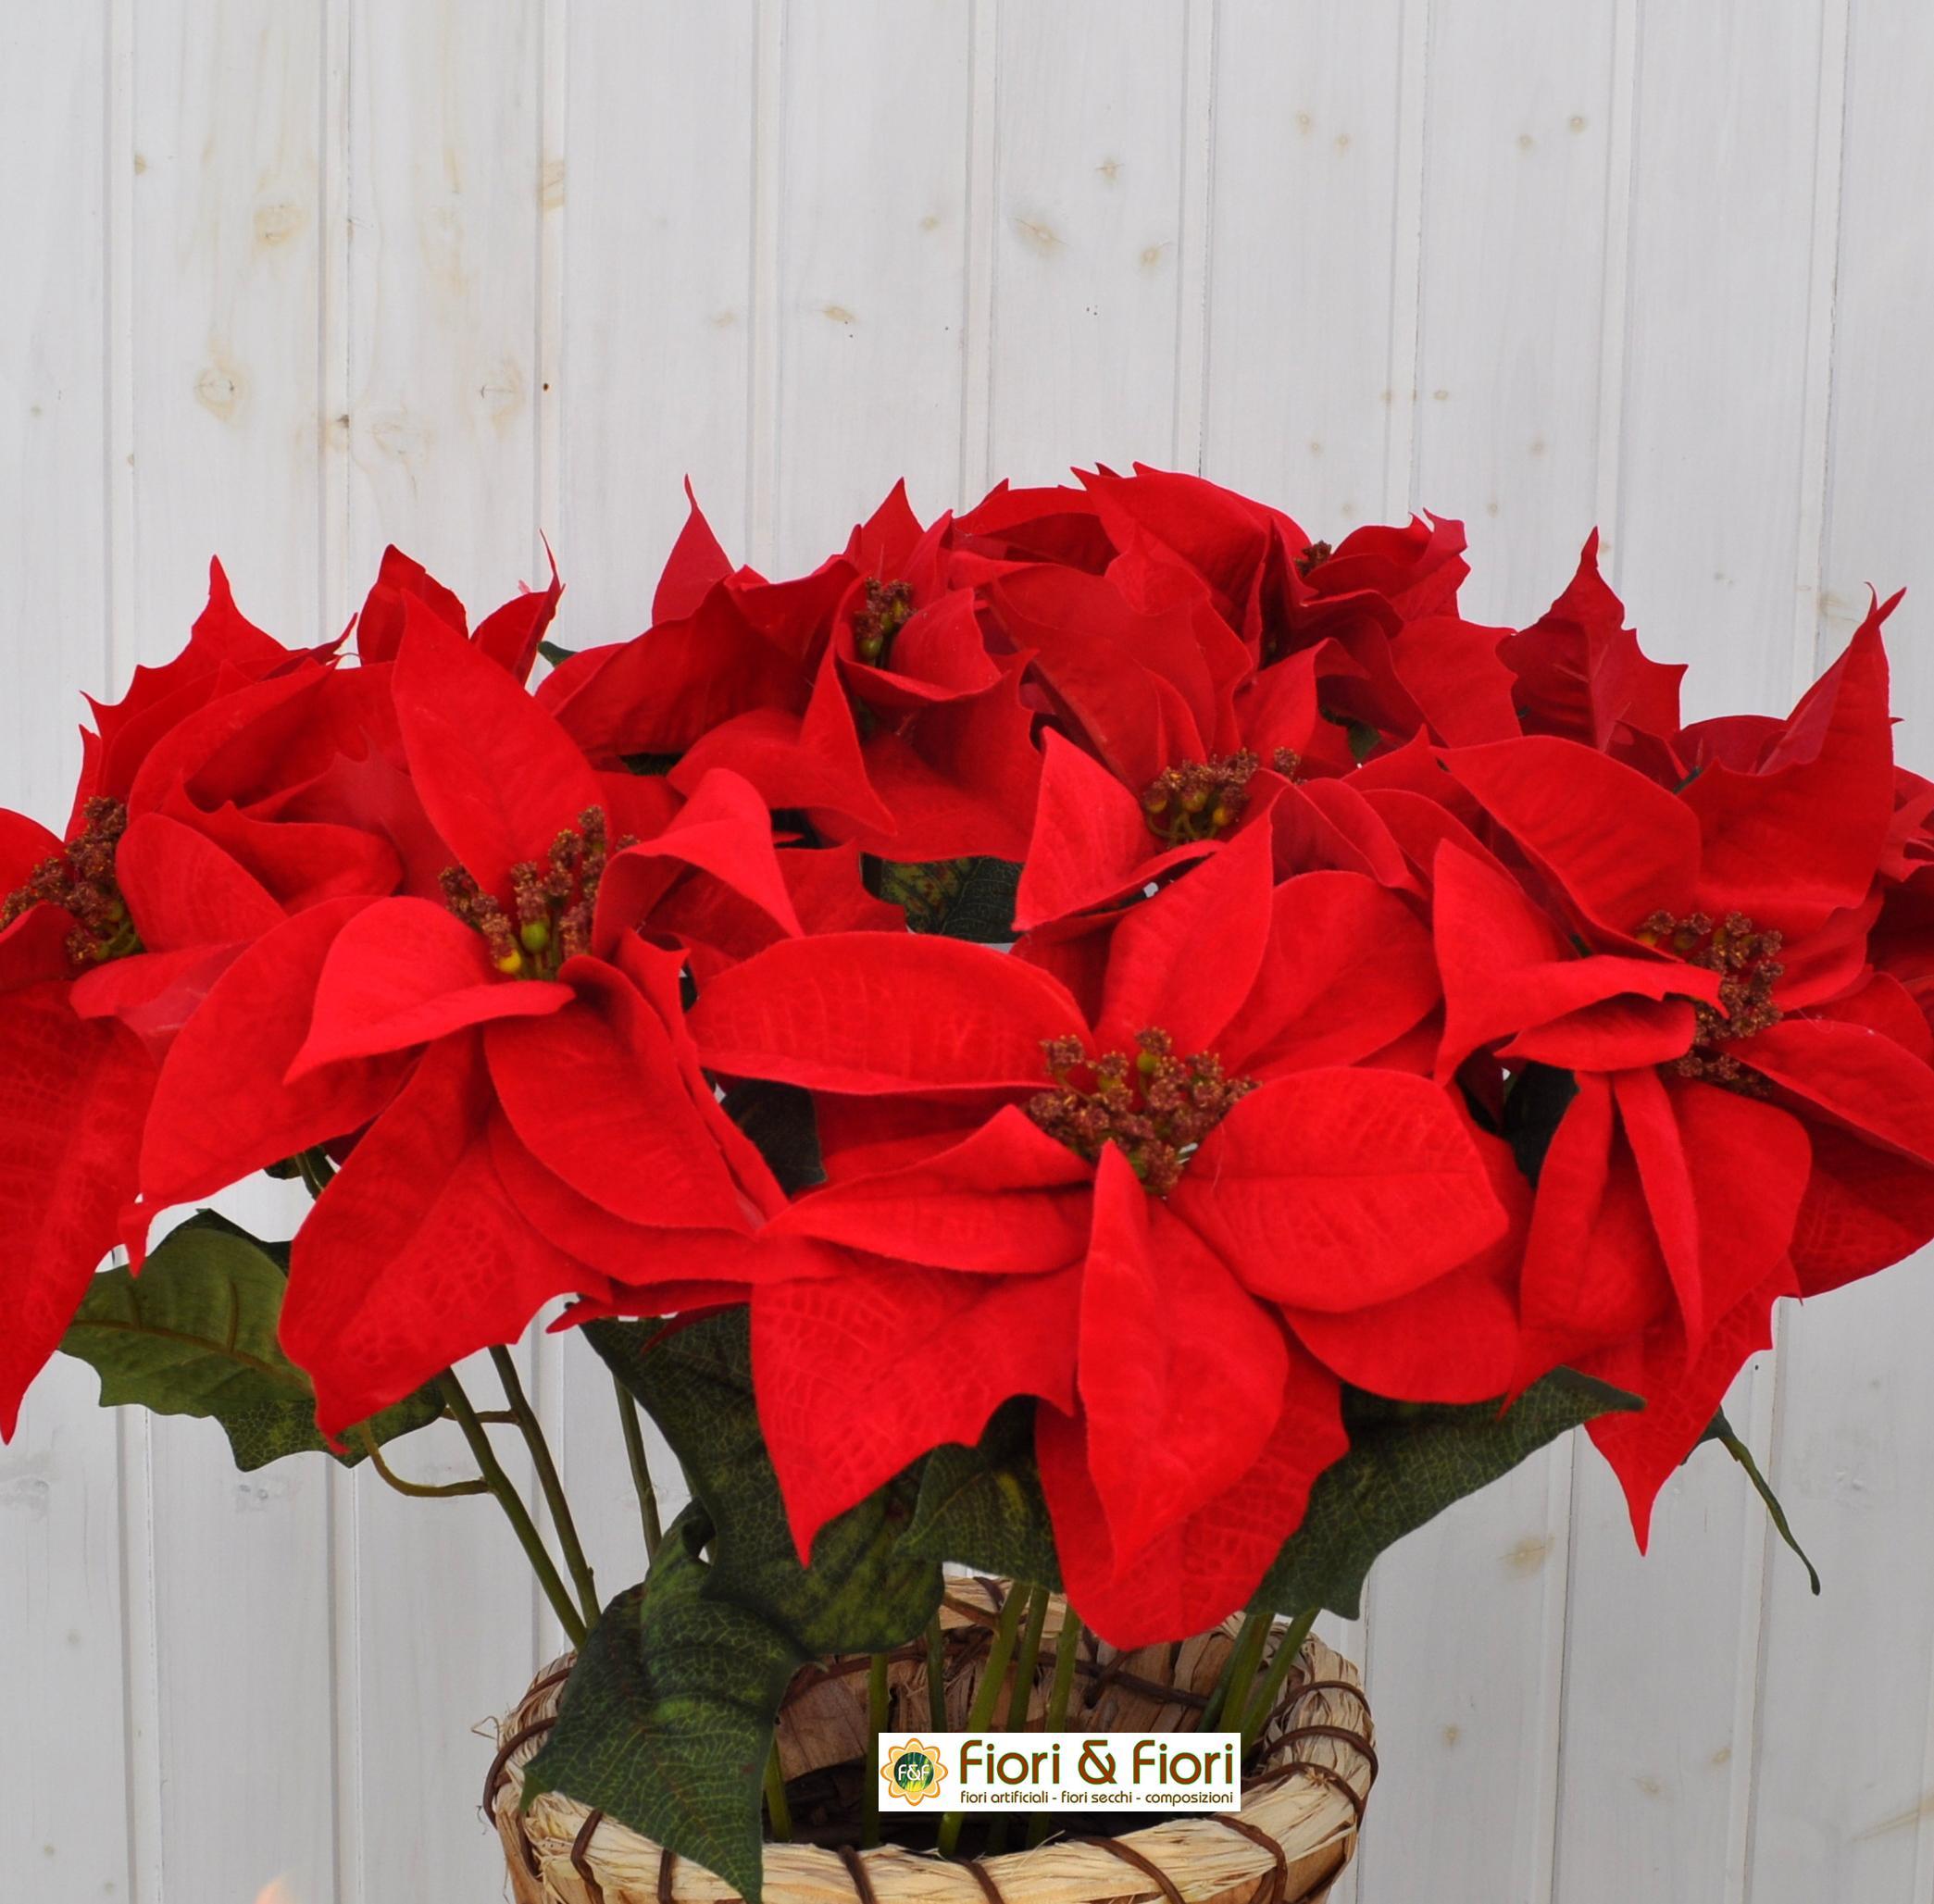 Stelle Di Natale Immagini.Stella Di Natale Artificiale Spray Rosso Per Decorazioni Natalizie